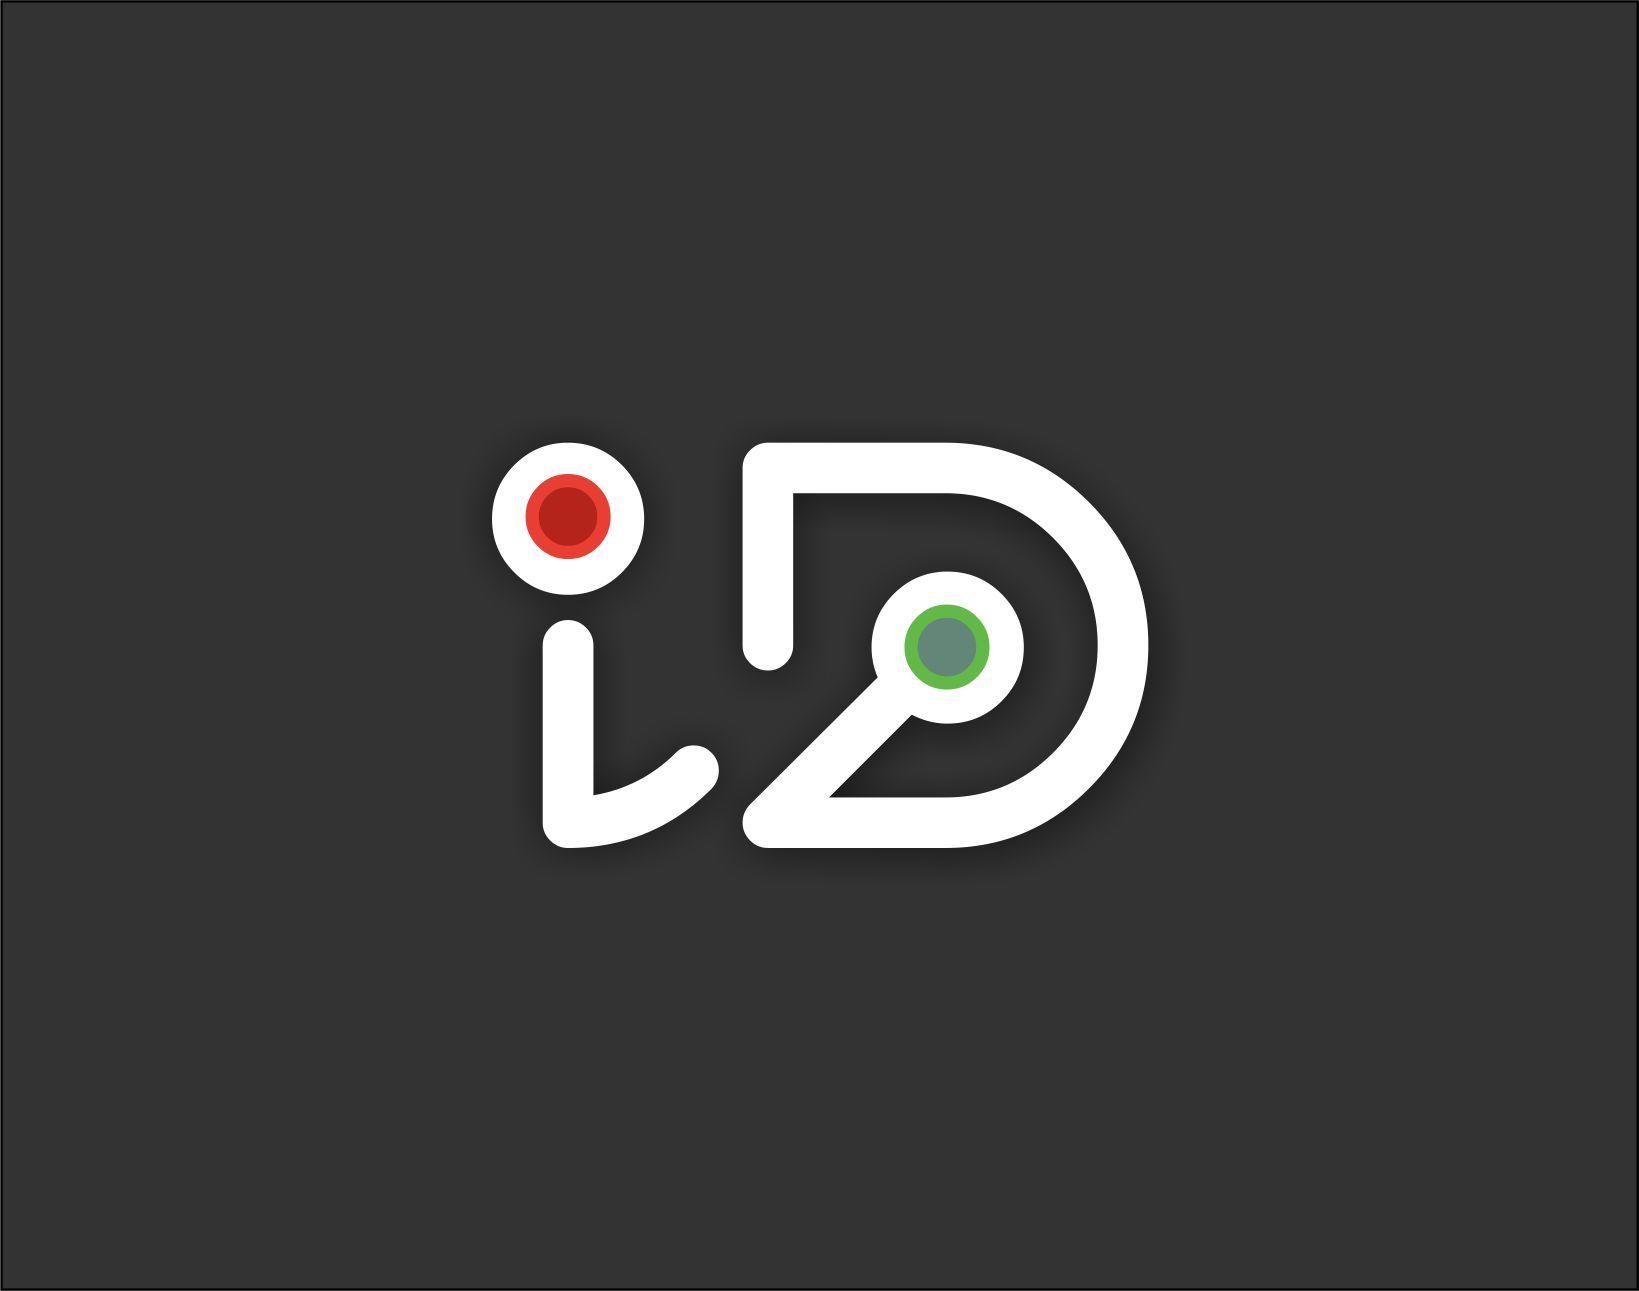 Лого и фирменный стиль для iD Такси - дизайнер denalena